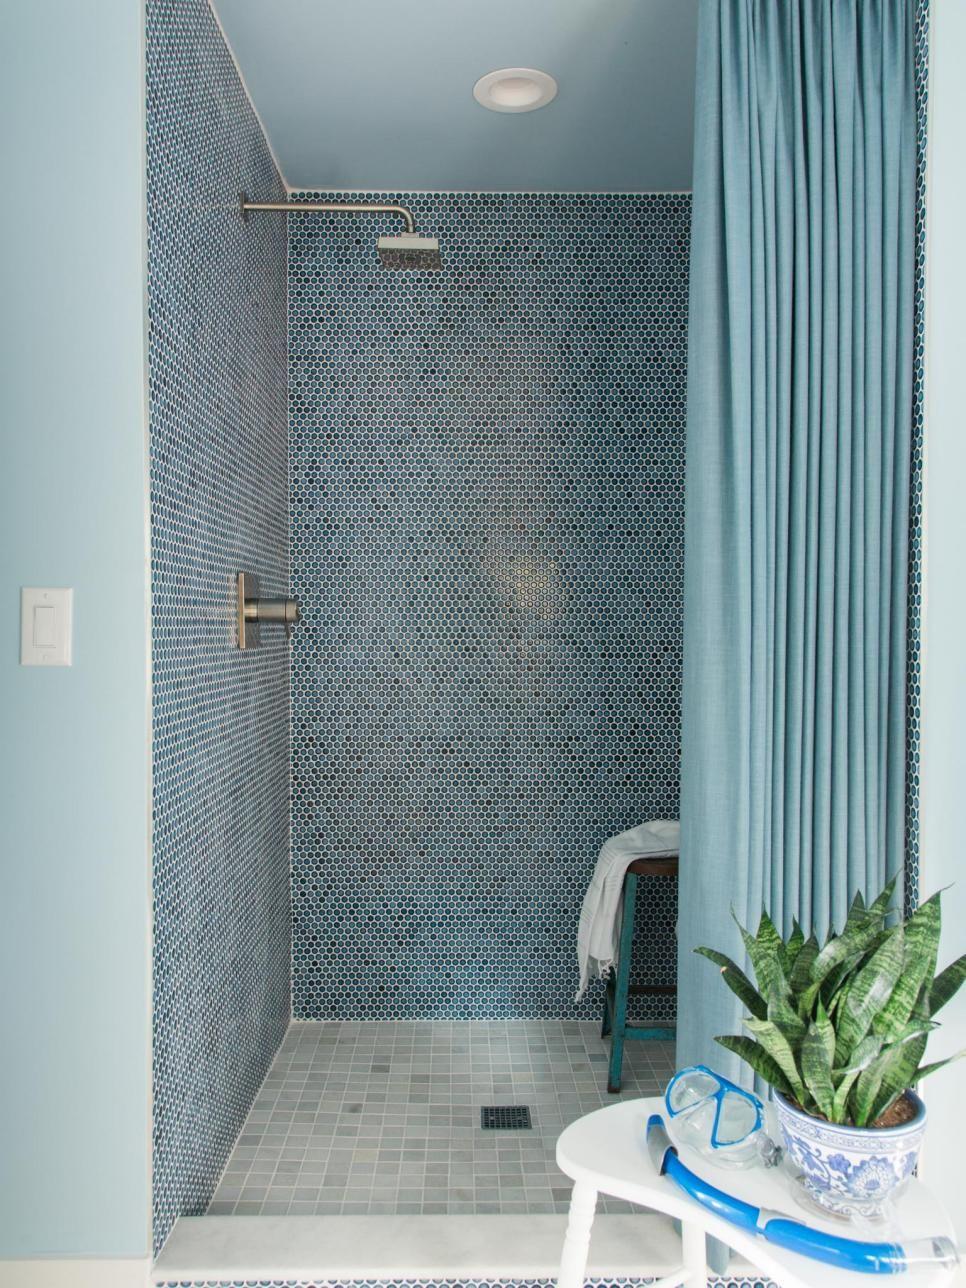 dream home 2016 terrace bathroom hgtv com design hgtv dream home rh pinterest com